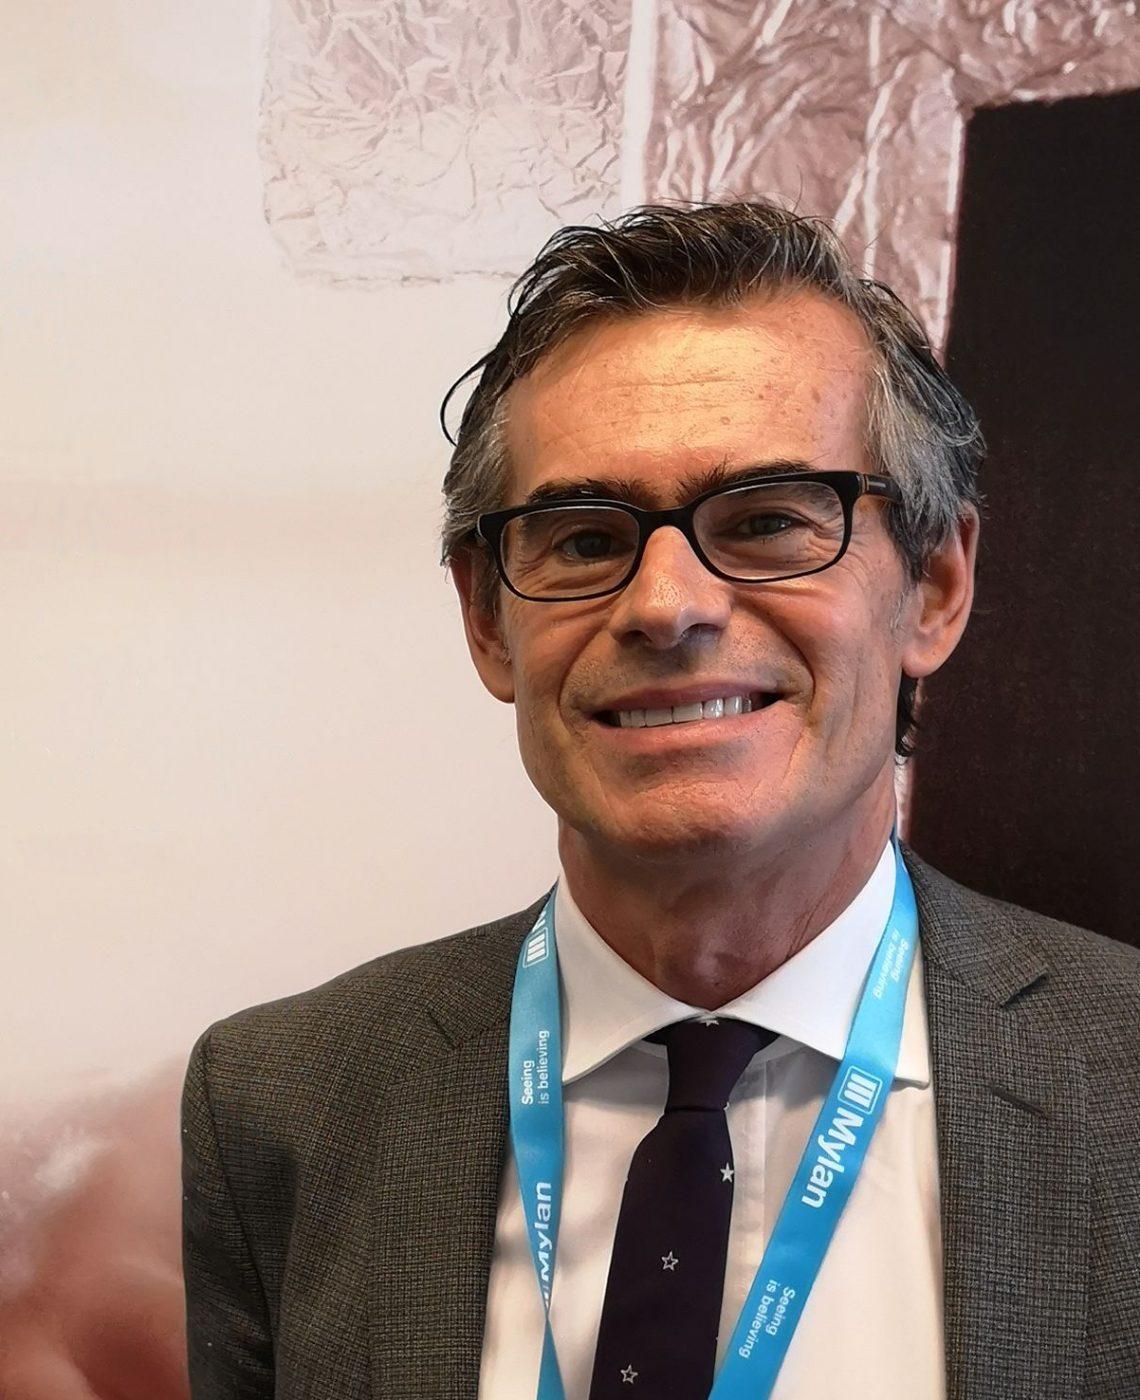 Fabio Torriglia